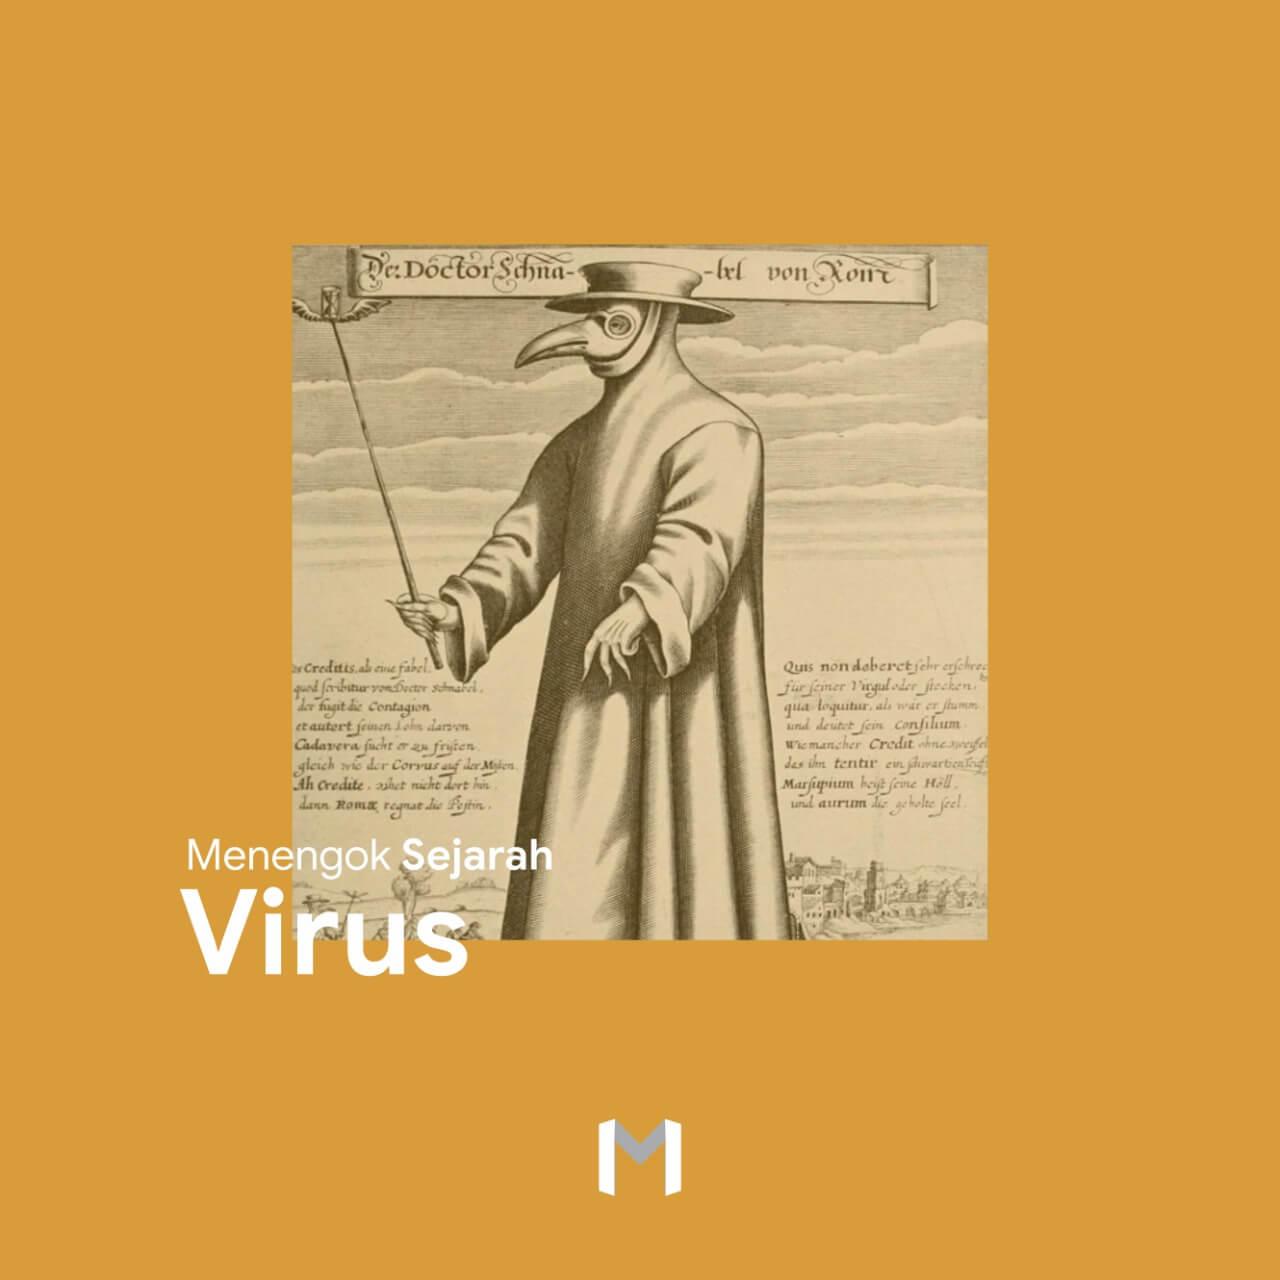 Menengok Sejarah Virus